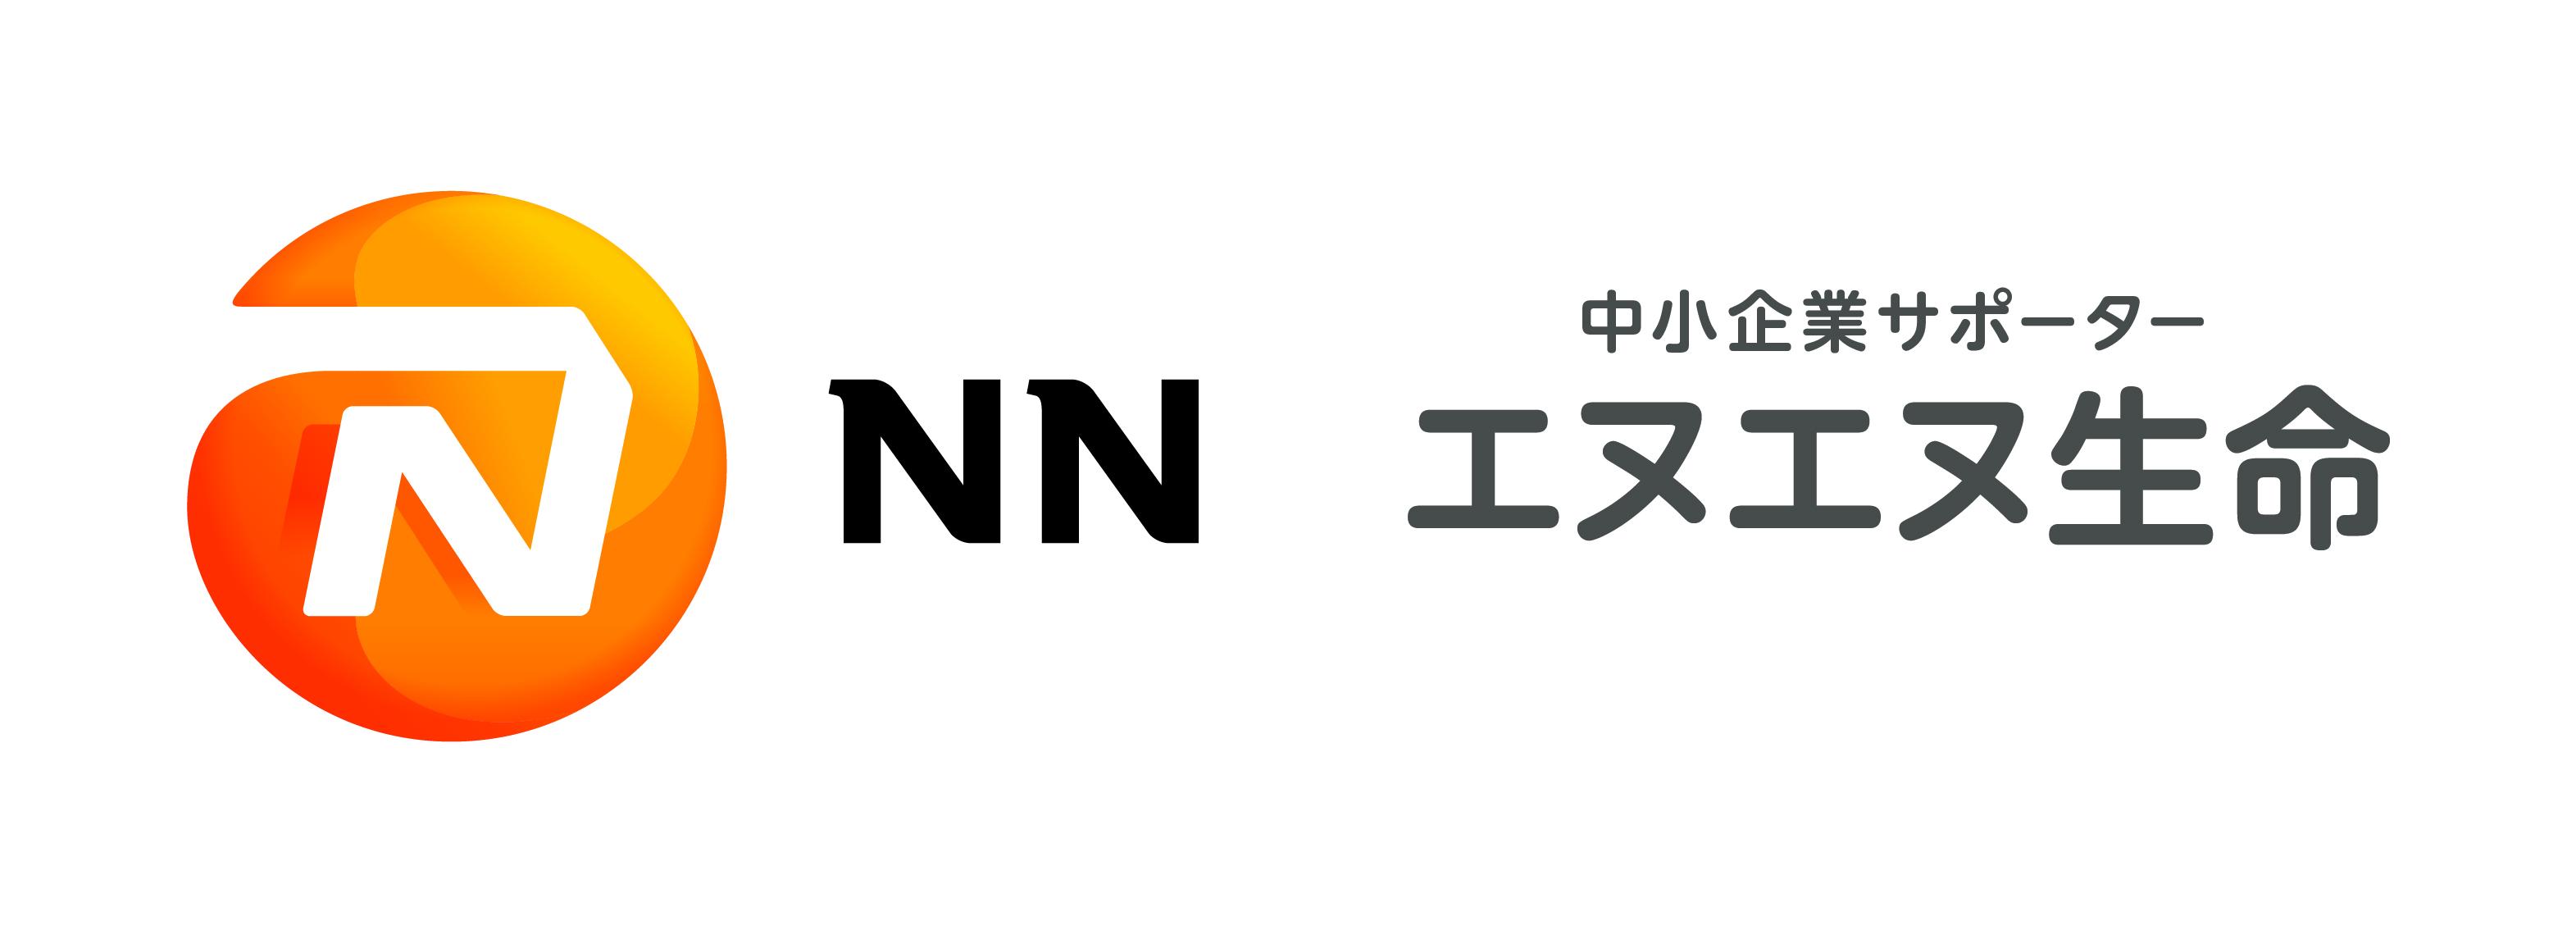 エヌエヌ生命保険株式会社 中小企業向け事業保険 エヌエヌ生命